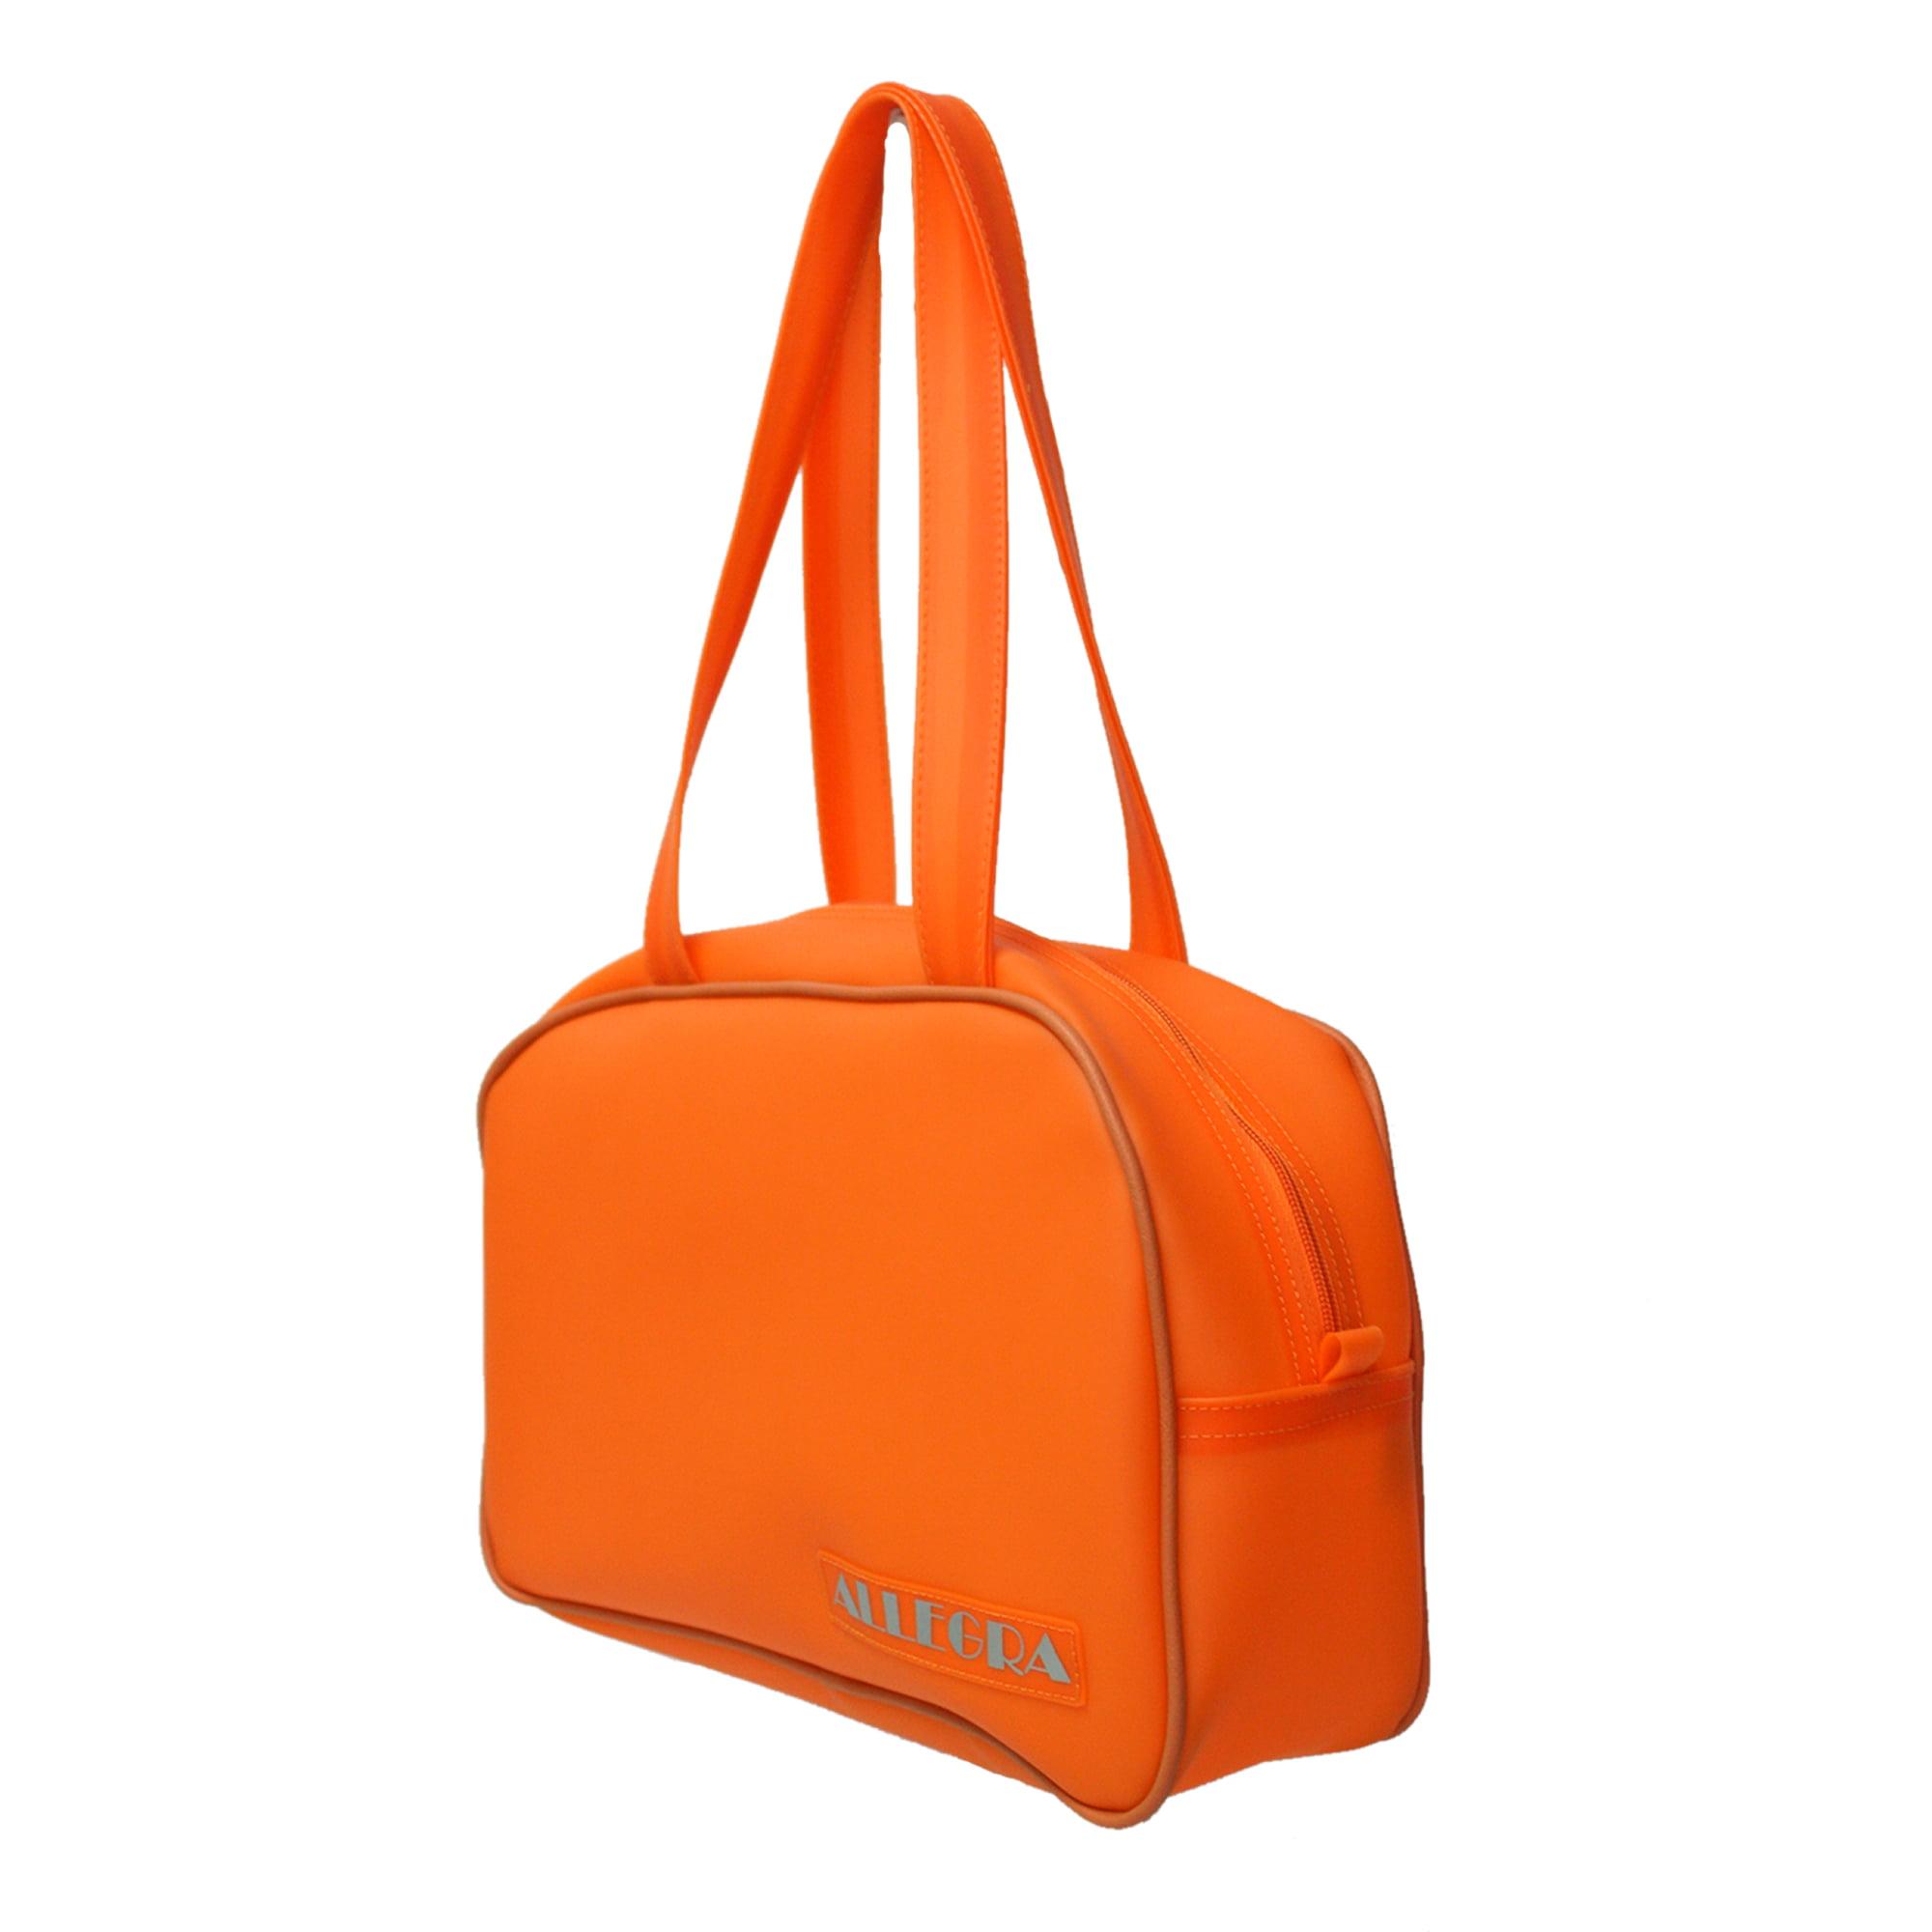 25dda2953 Bolsa esportiva laranja de praia